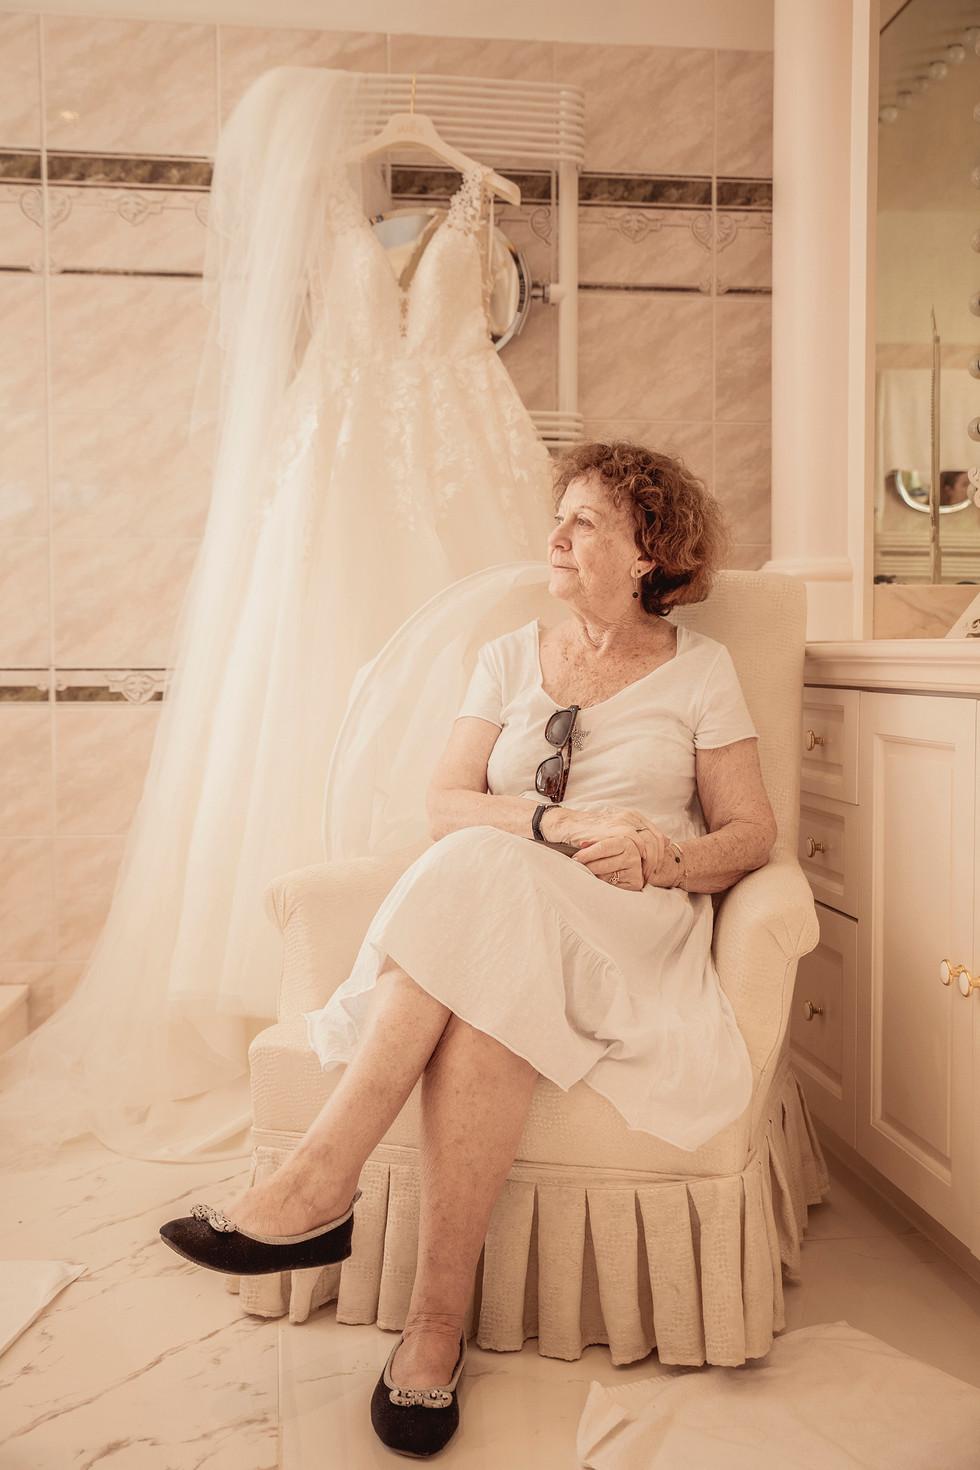 Pendant les préparatifs des mariés, la grand-mère observe d'un oeil attentif